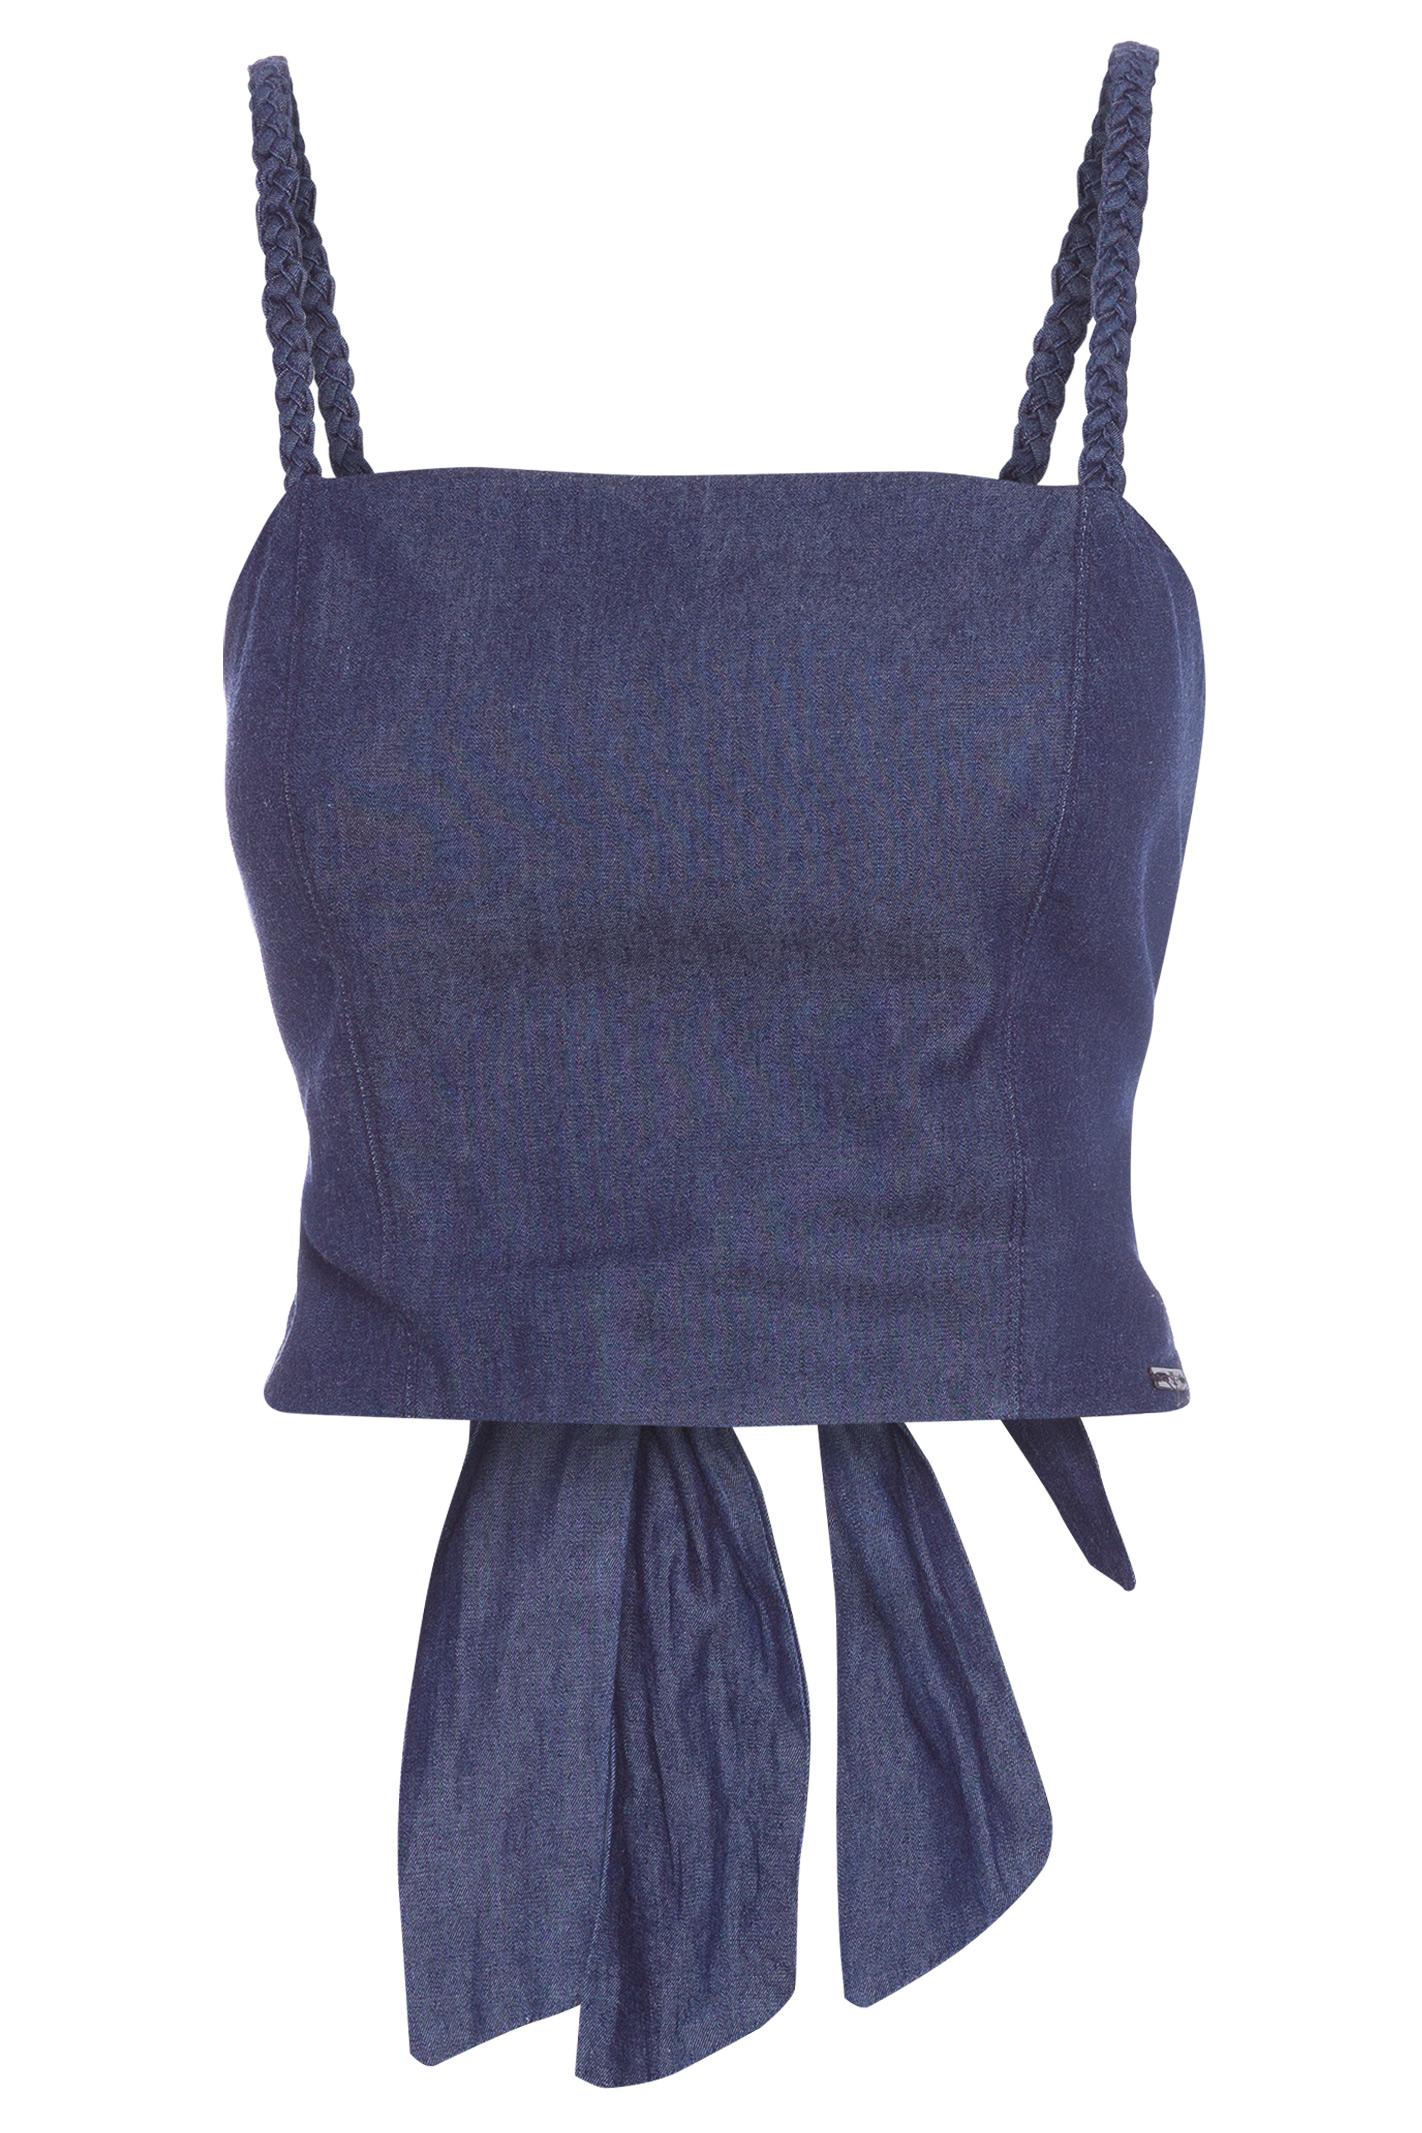 Top Jeans Alca Trancada Blue